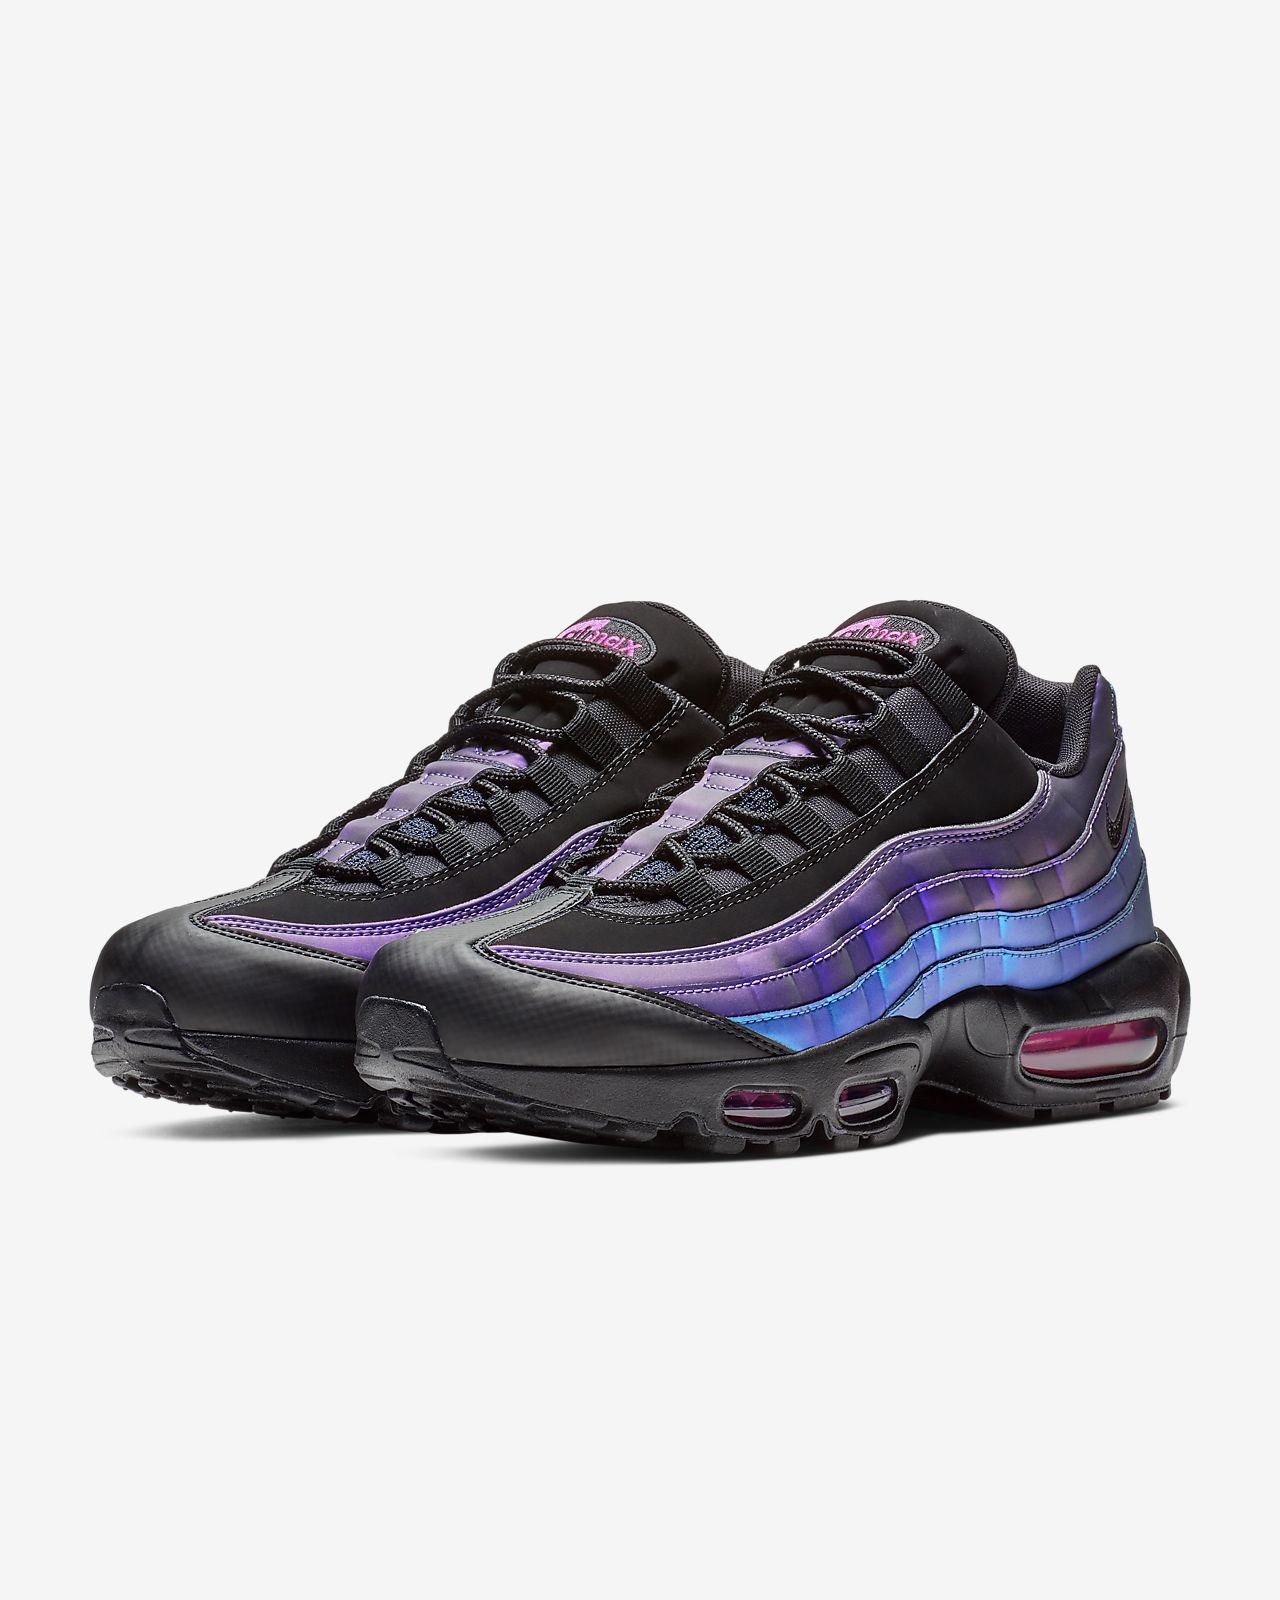 3b9cf366cd8b4a Nike Air Max 95 Premium Men's Shoe. Nike.com AT